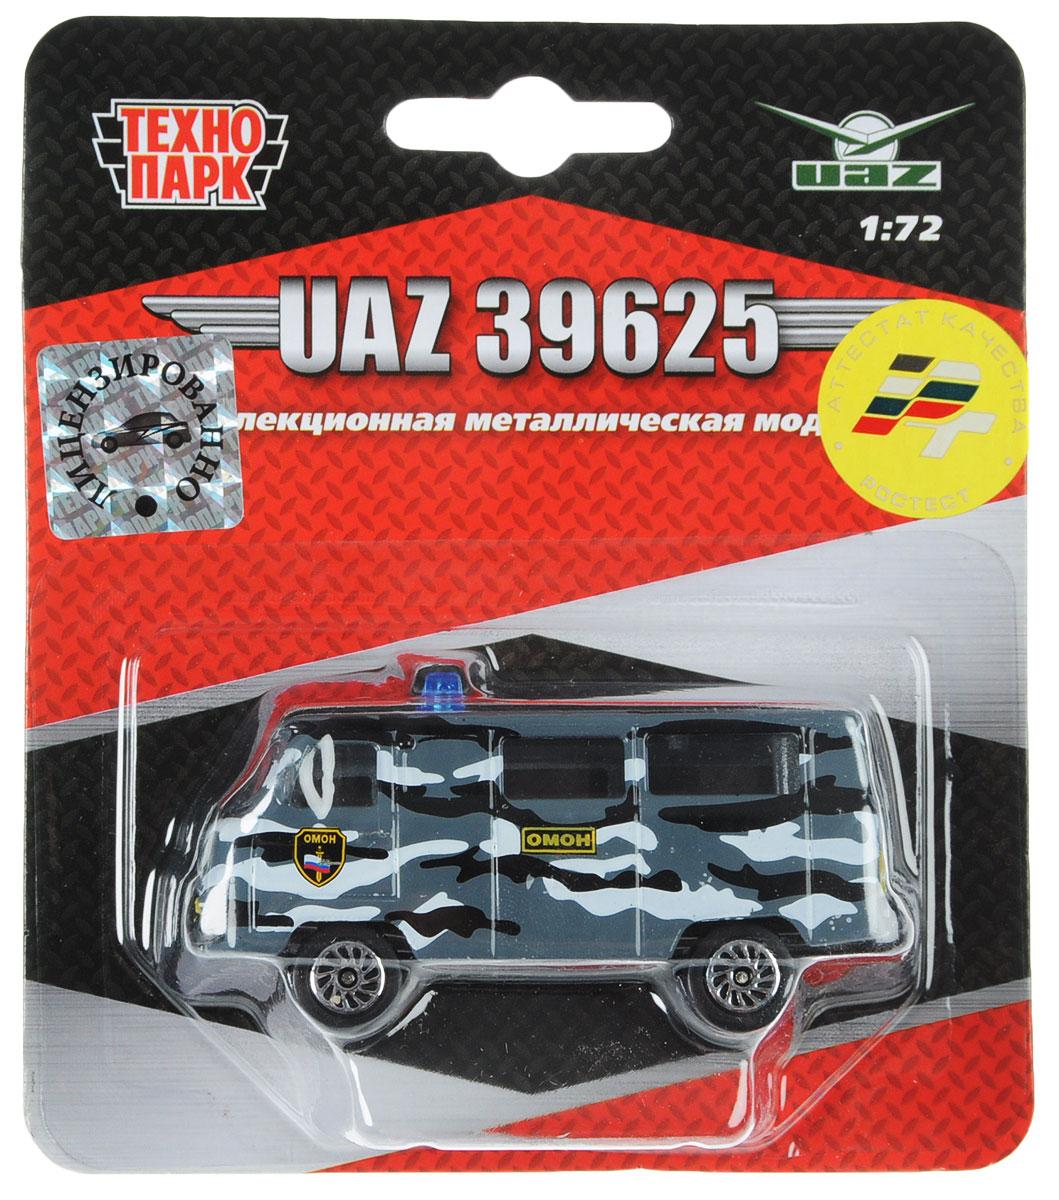 ТехноПарк Автомобиль UAZ 39625 Омон autotime модель автомобиля uaz 39625 военная автоинспекция